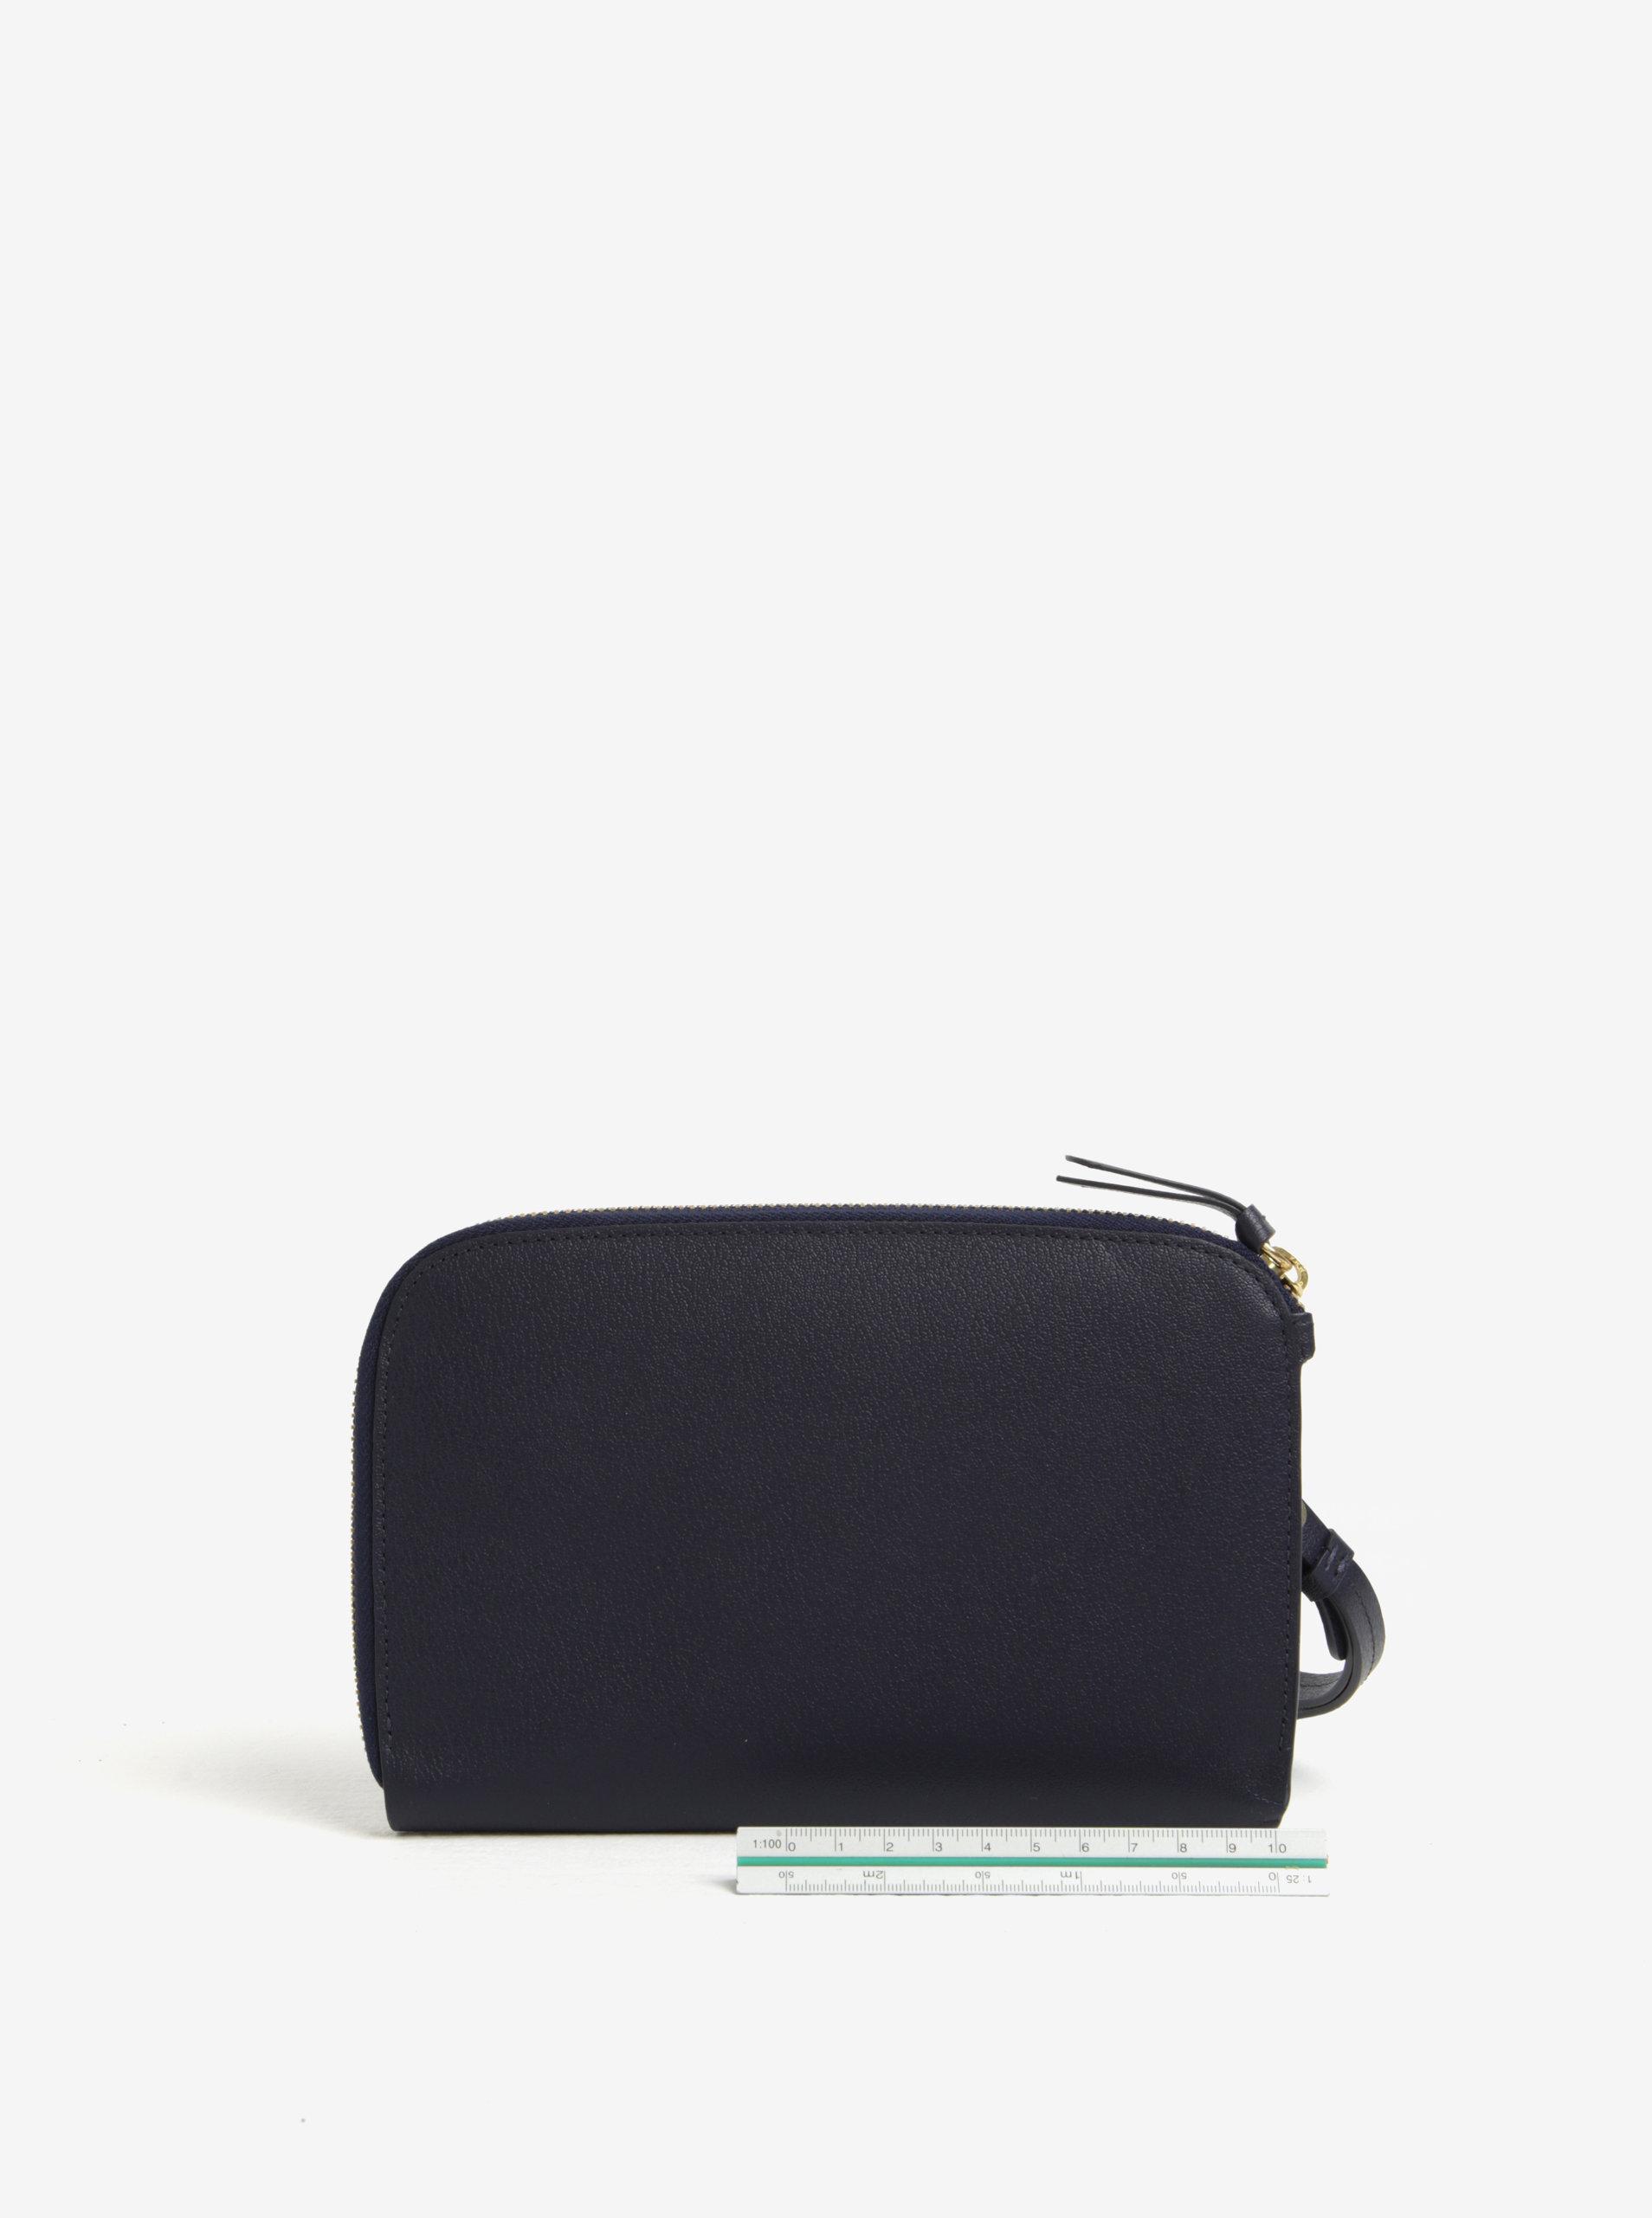 110f850746 Tmavomodrá dámska kožená listová kabelka Bellroy Clutch ...